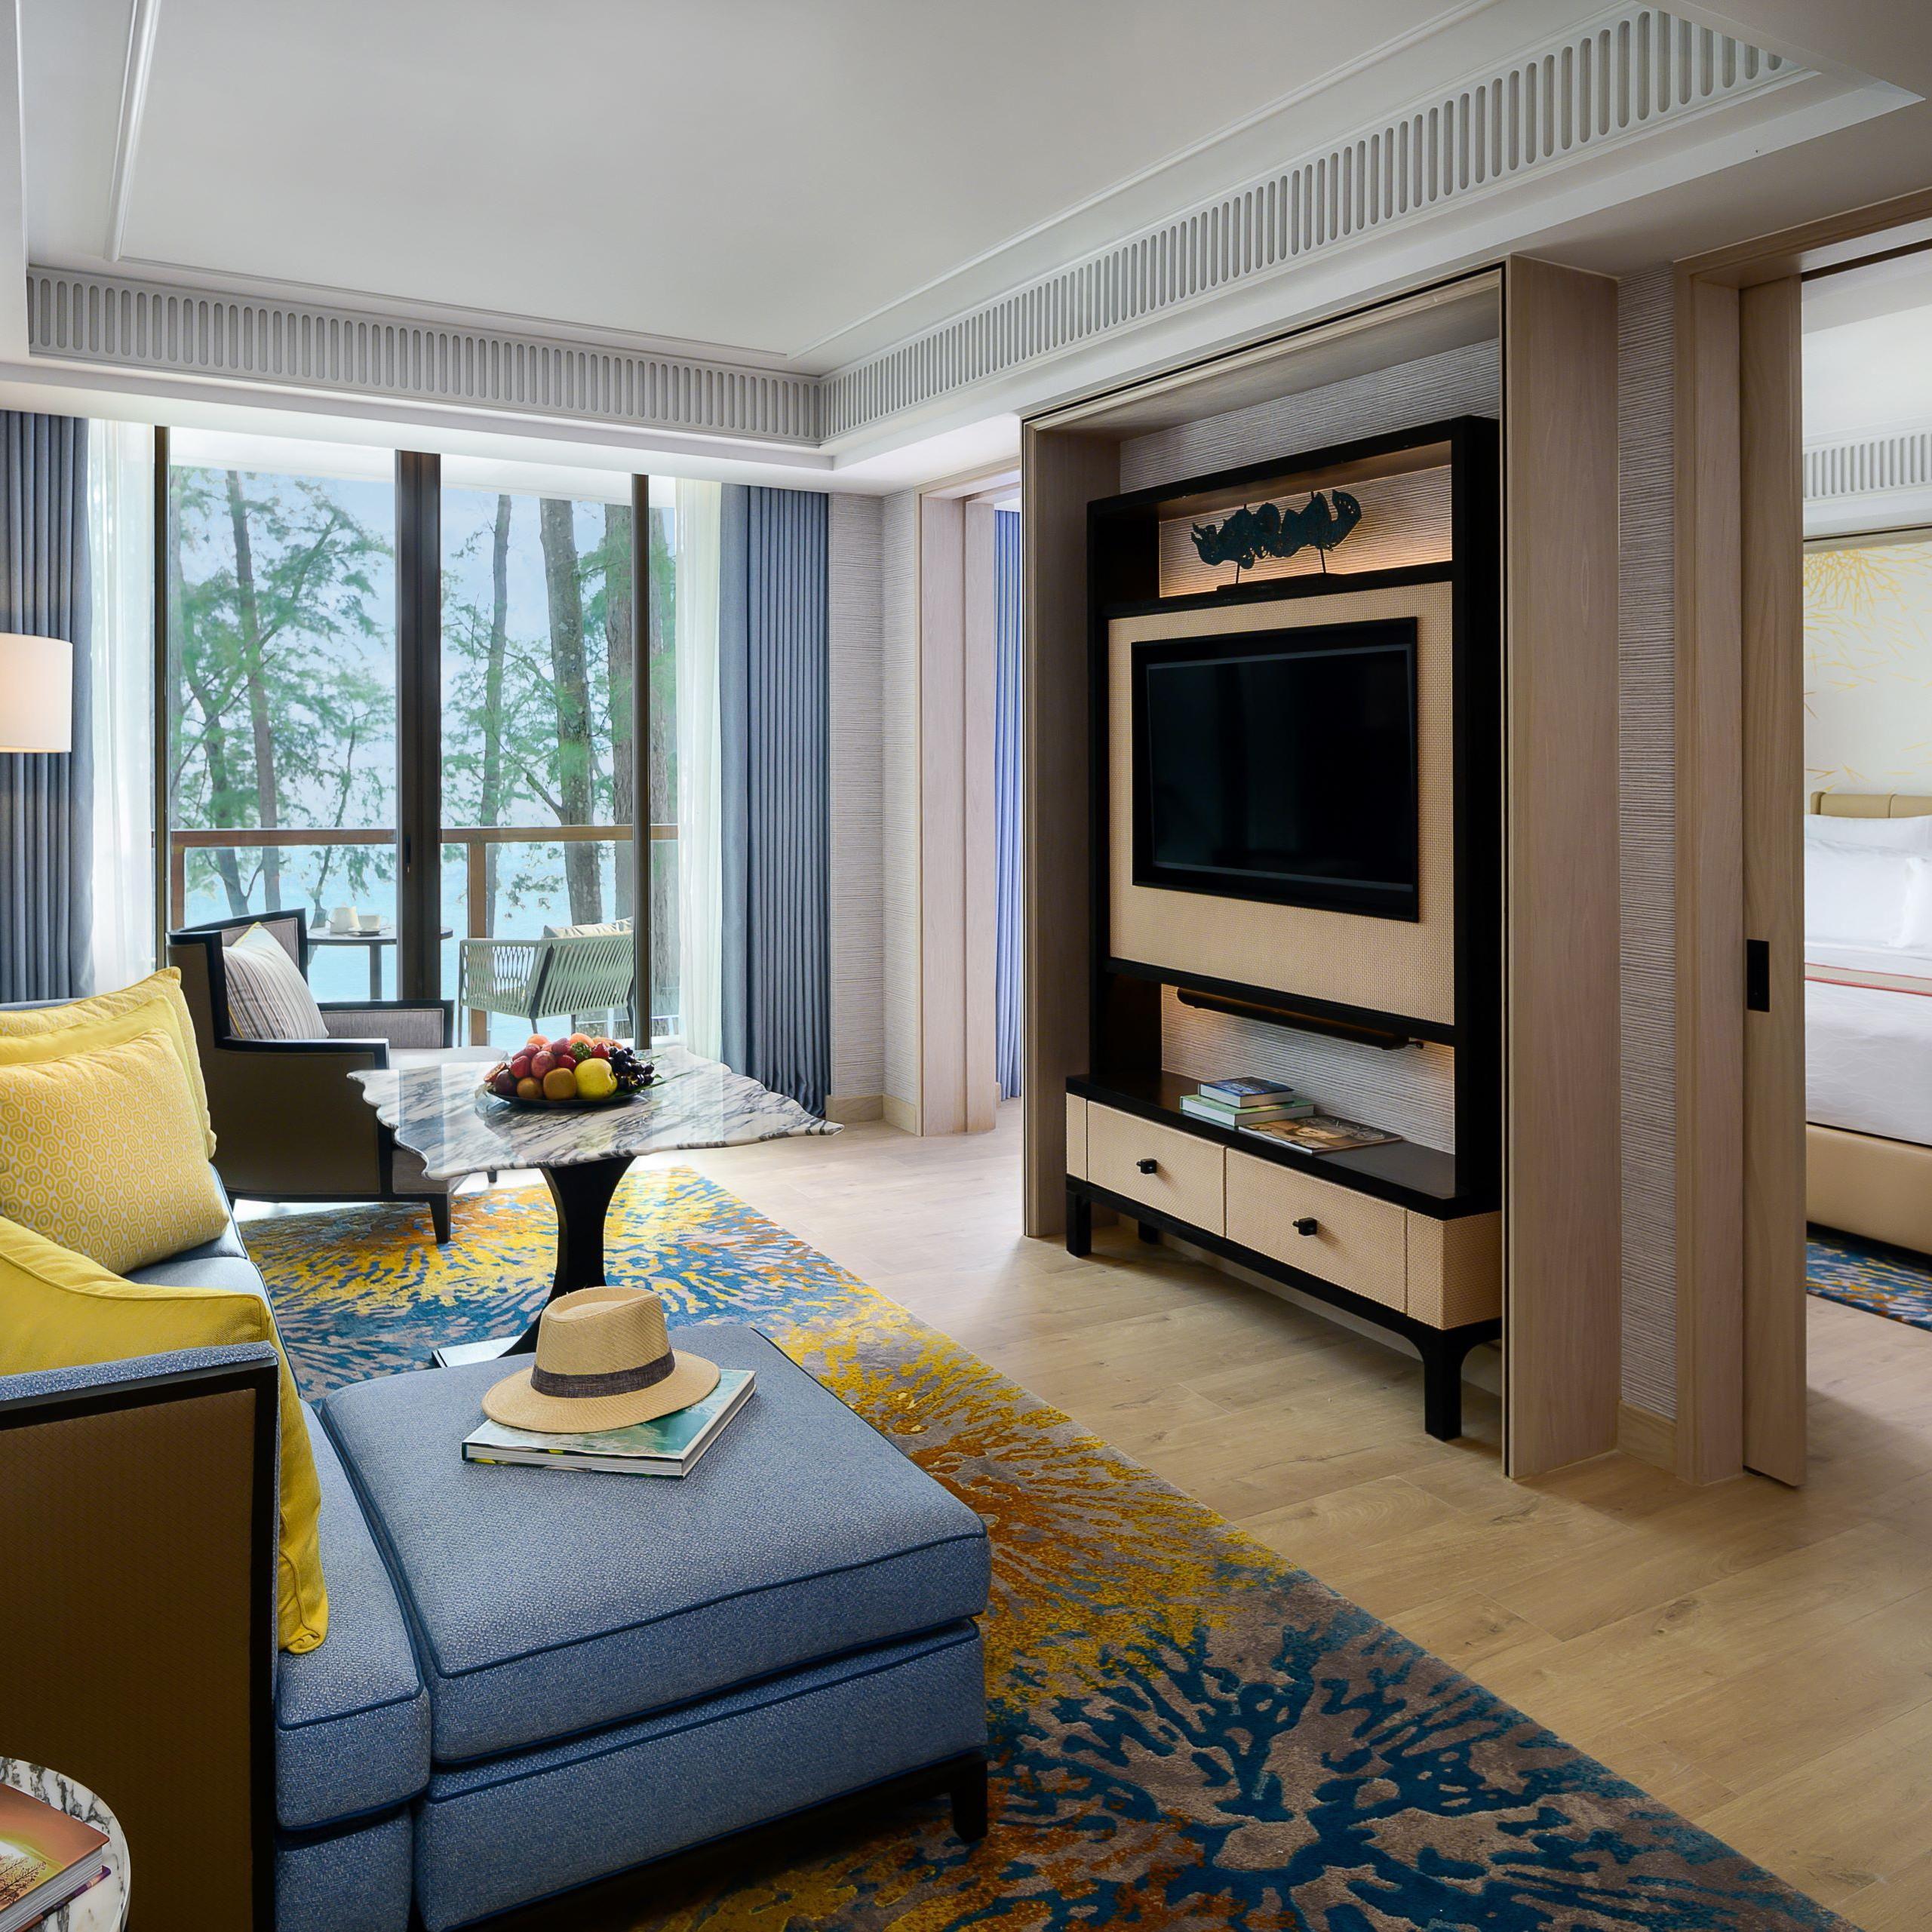 Intercontinental Phuket Resort Phuket